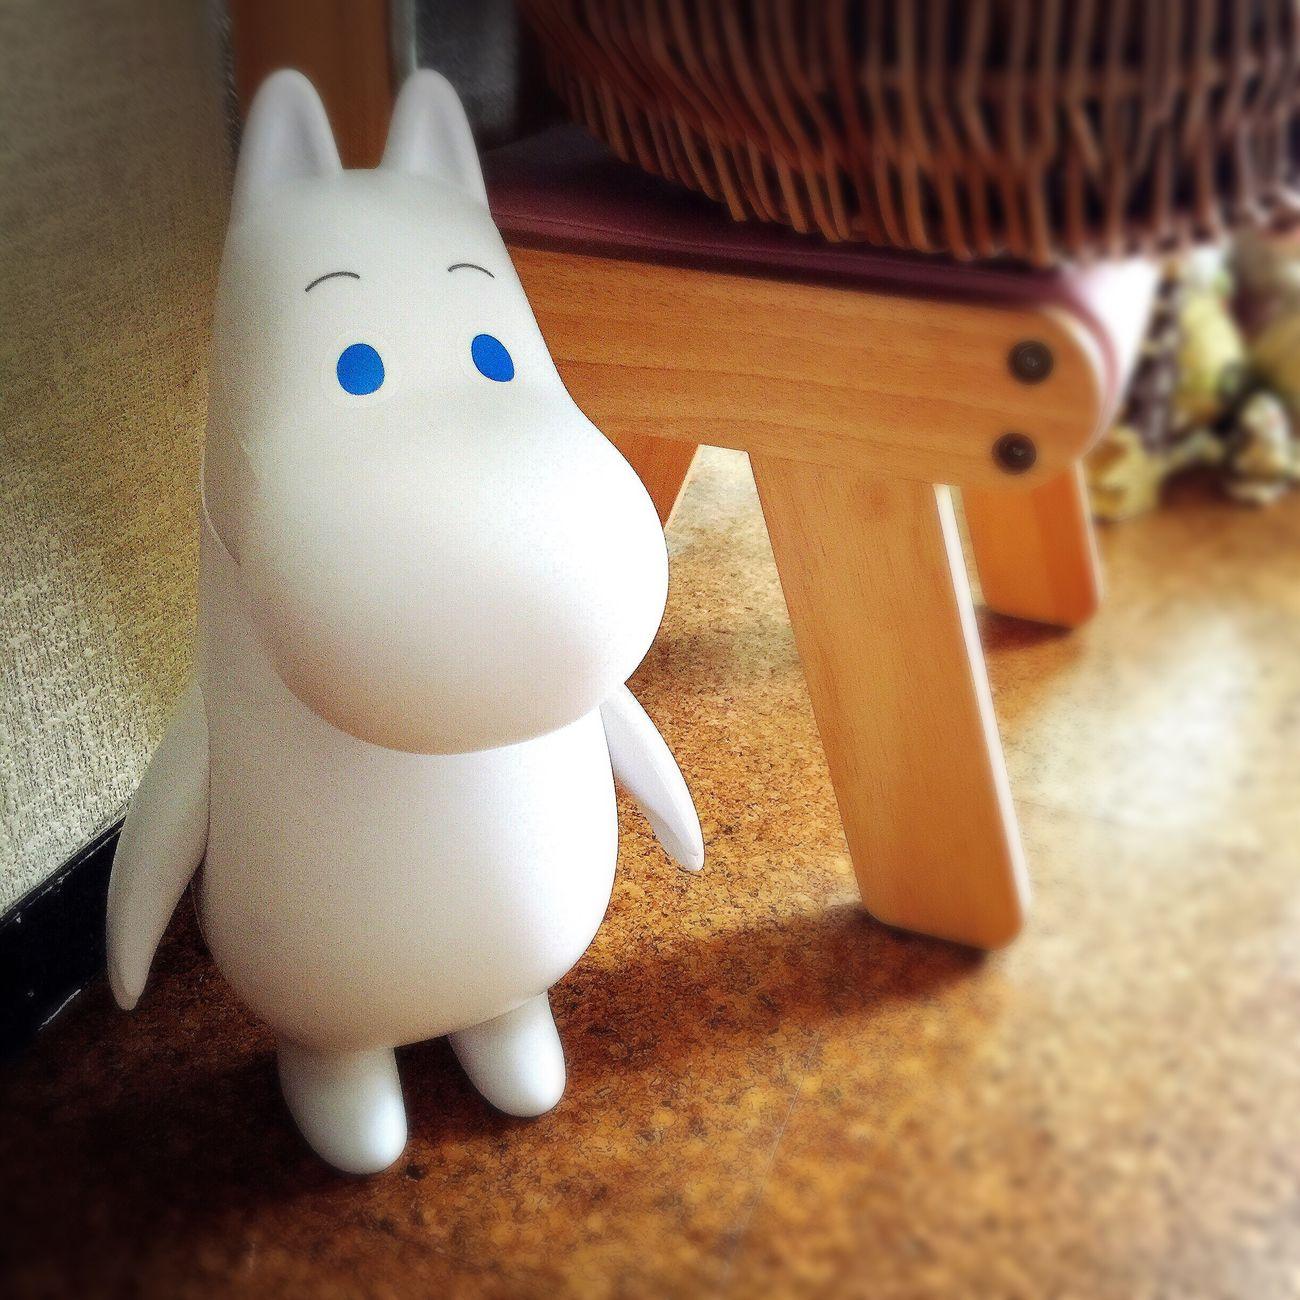 もらったムーミンの人形。 プラスチックっぽい素材だけど、手が動くよ。 ゲーセンで2つも取ったって、くれたんだ。 可愛いムーミンを、ありがとう↟♡ ムーミン Moomin 北欧 北欧雑貨 フィンランド